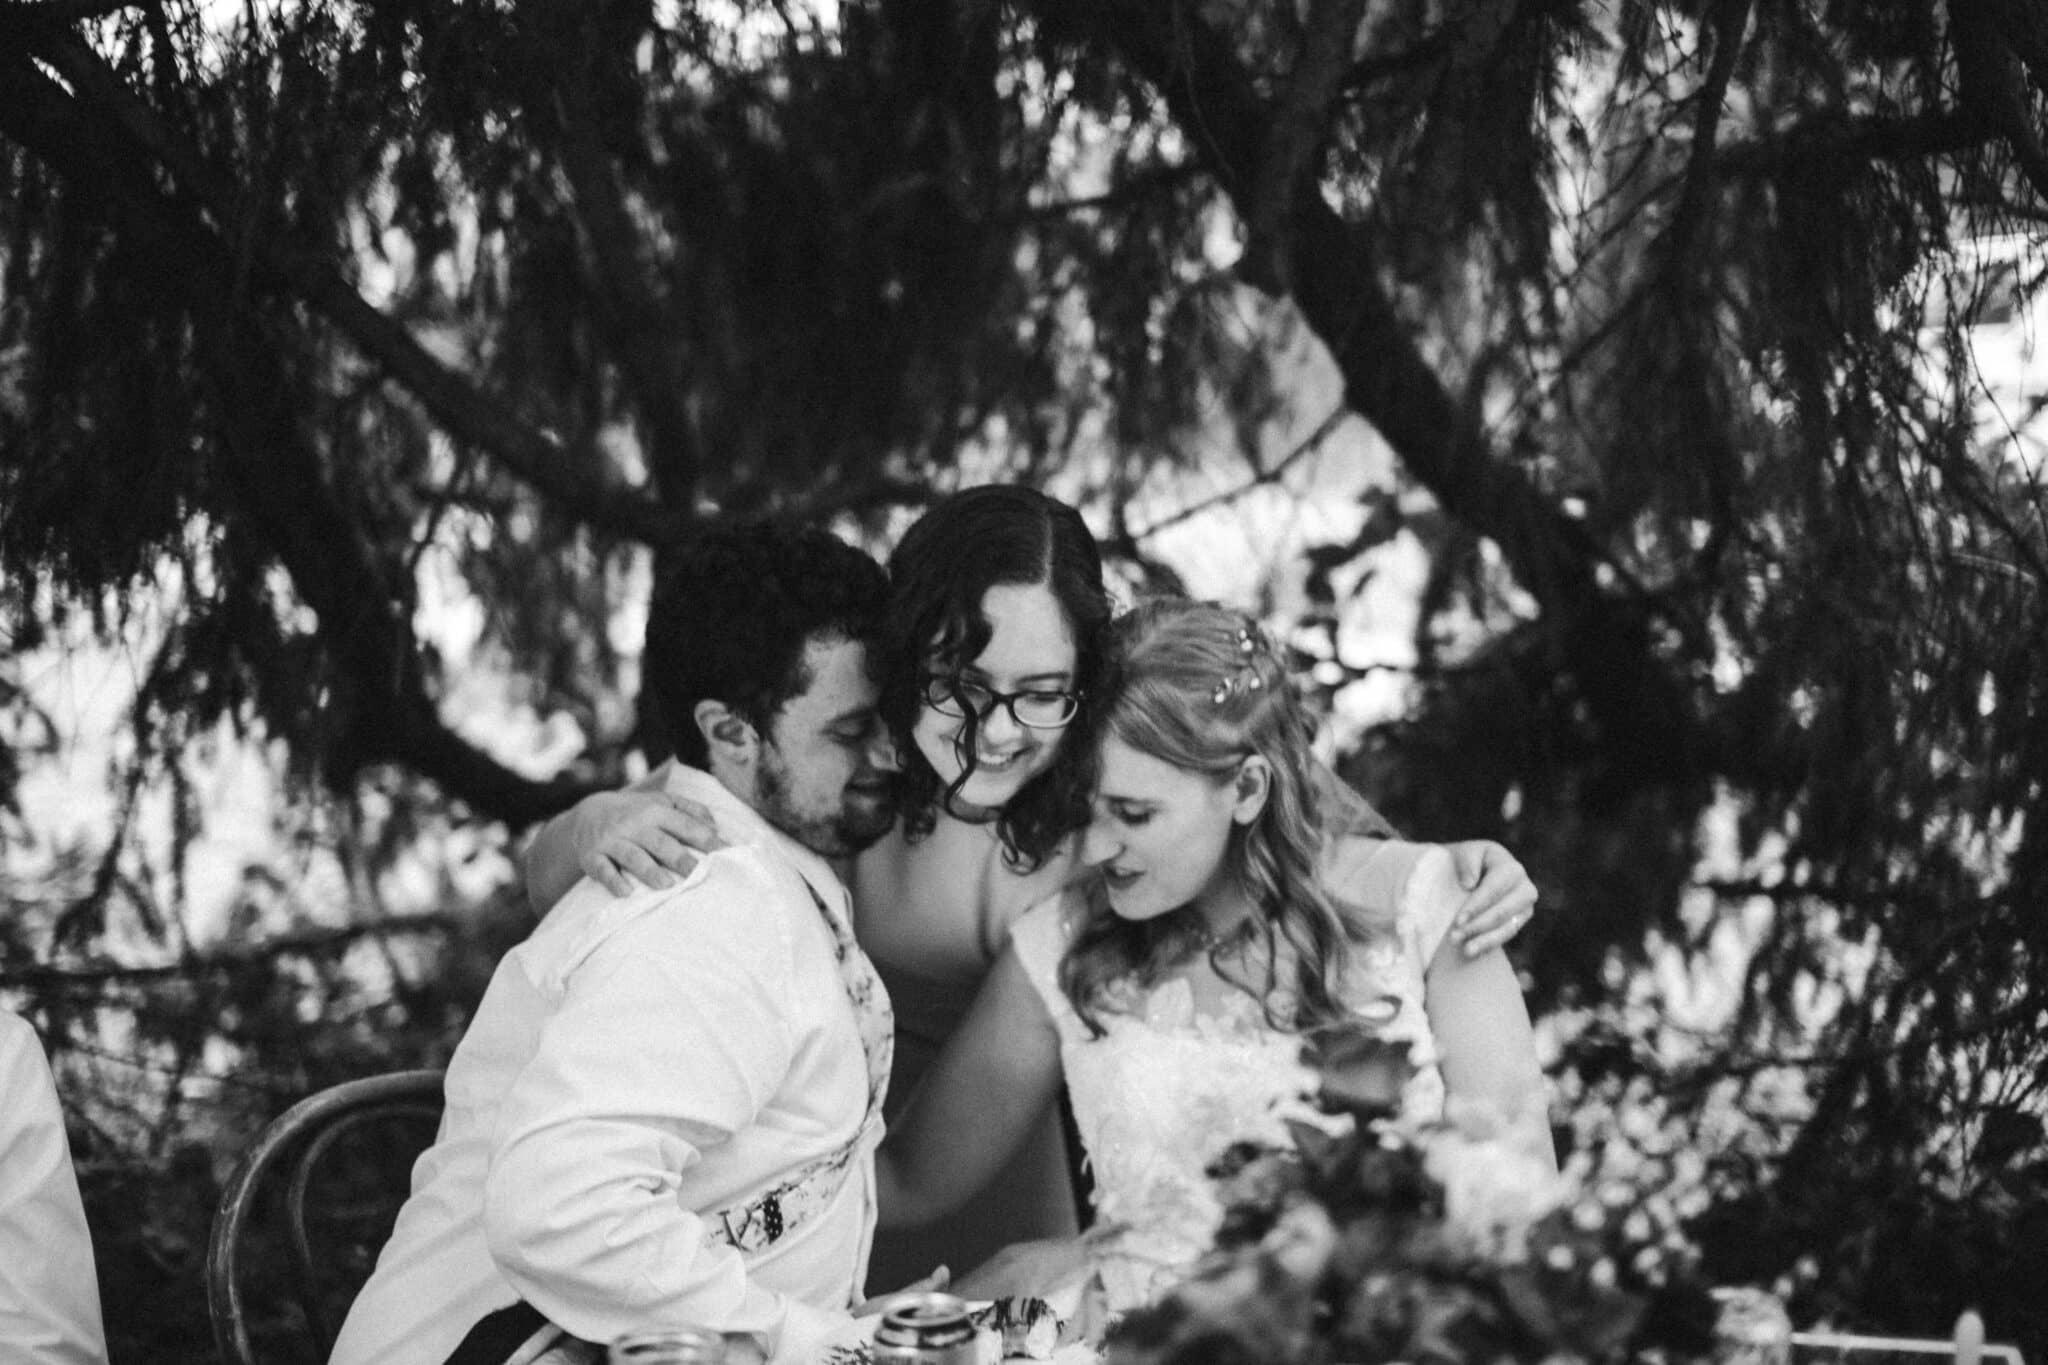 wedding bridesmaid speech hug